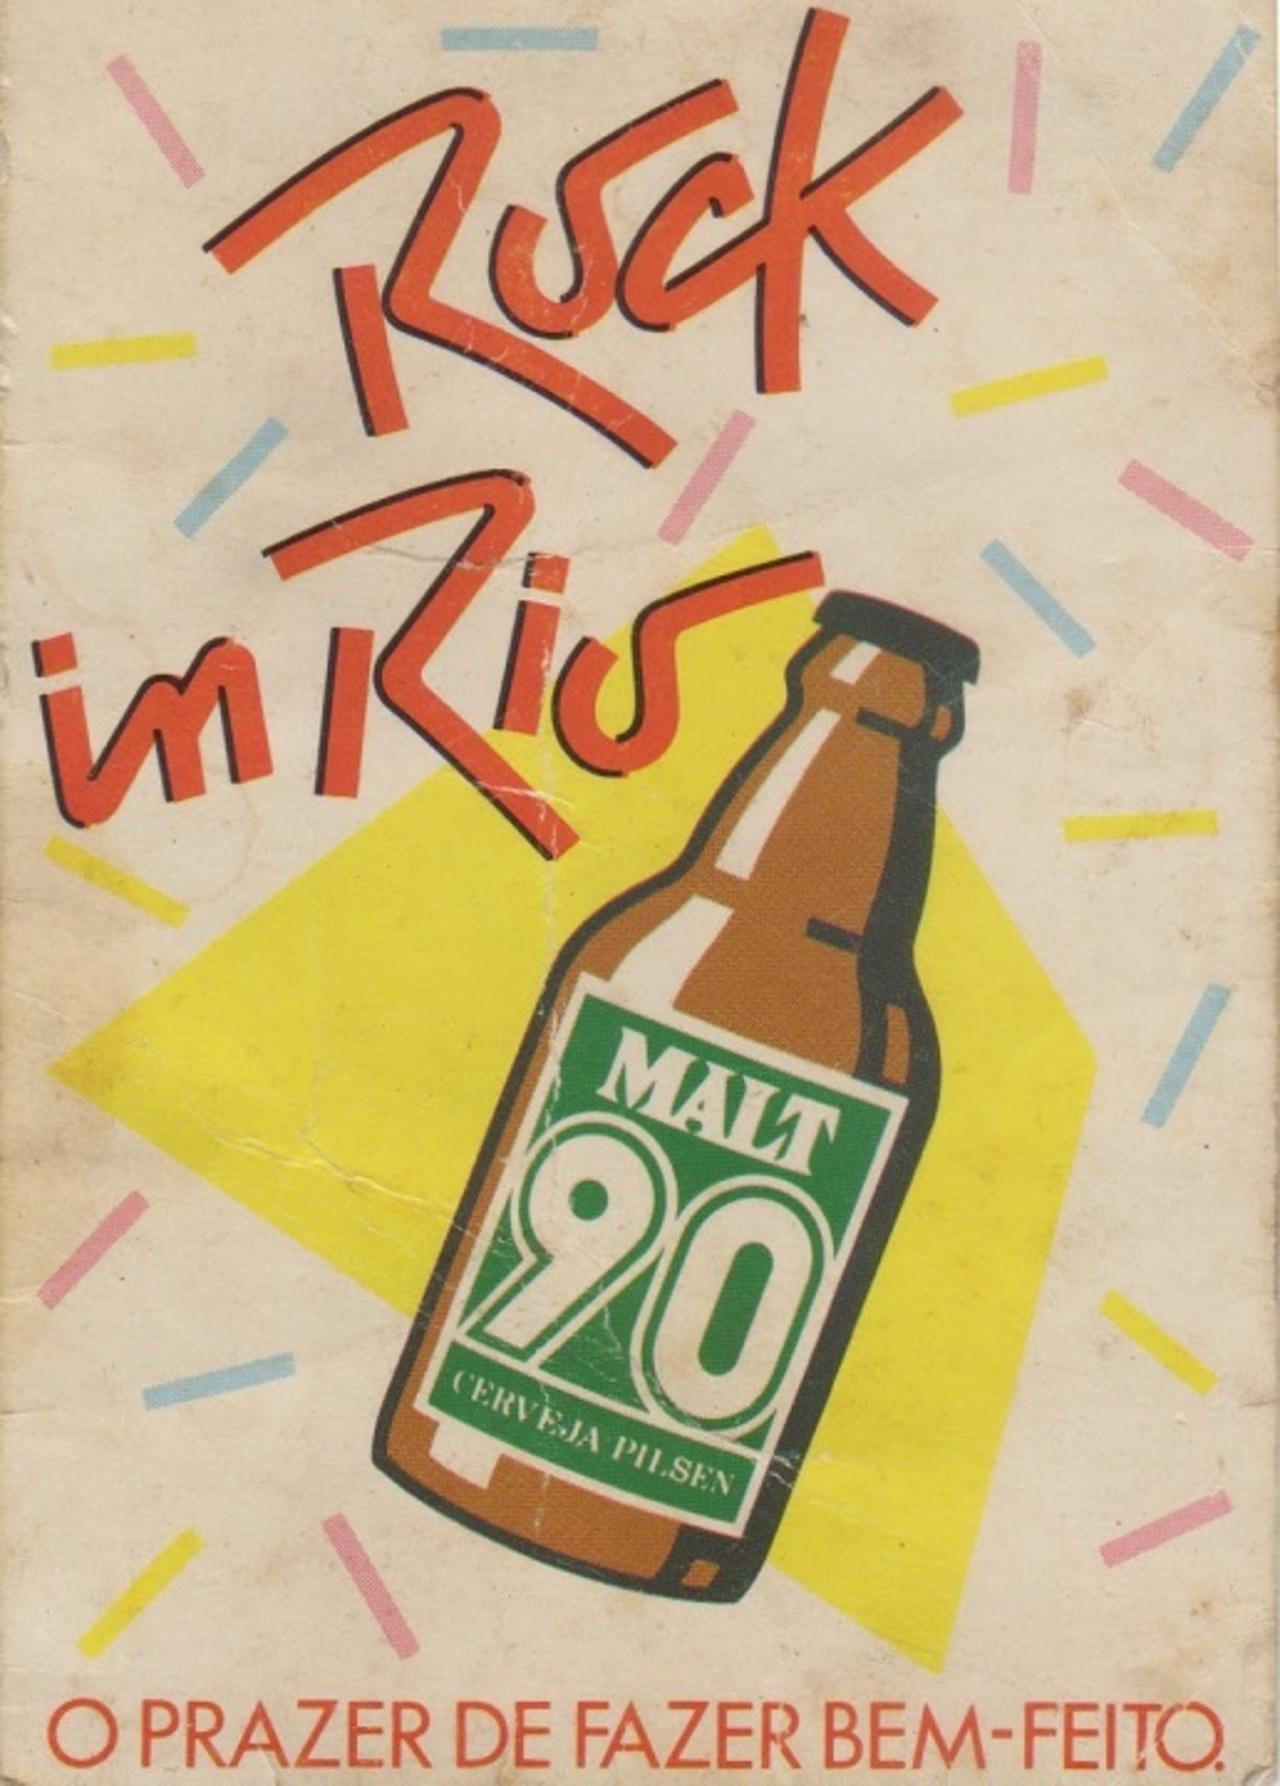 16afd0e529 07. A Cerveja Malt 90 foi a patrocinadora principal da primeira edição do  Rock in Rio em 1985